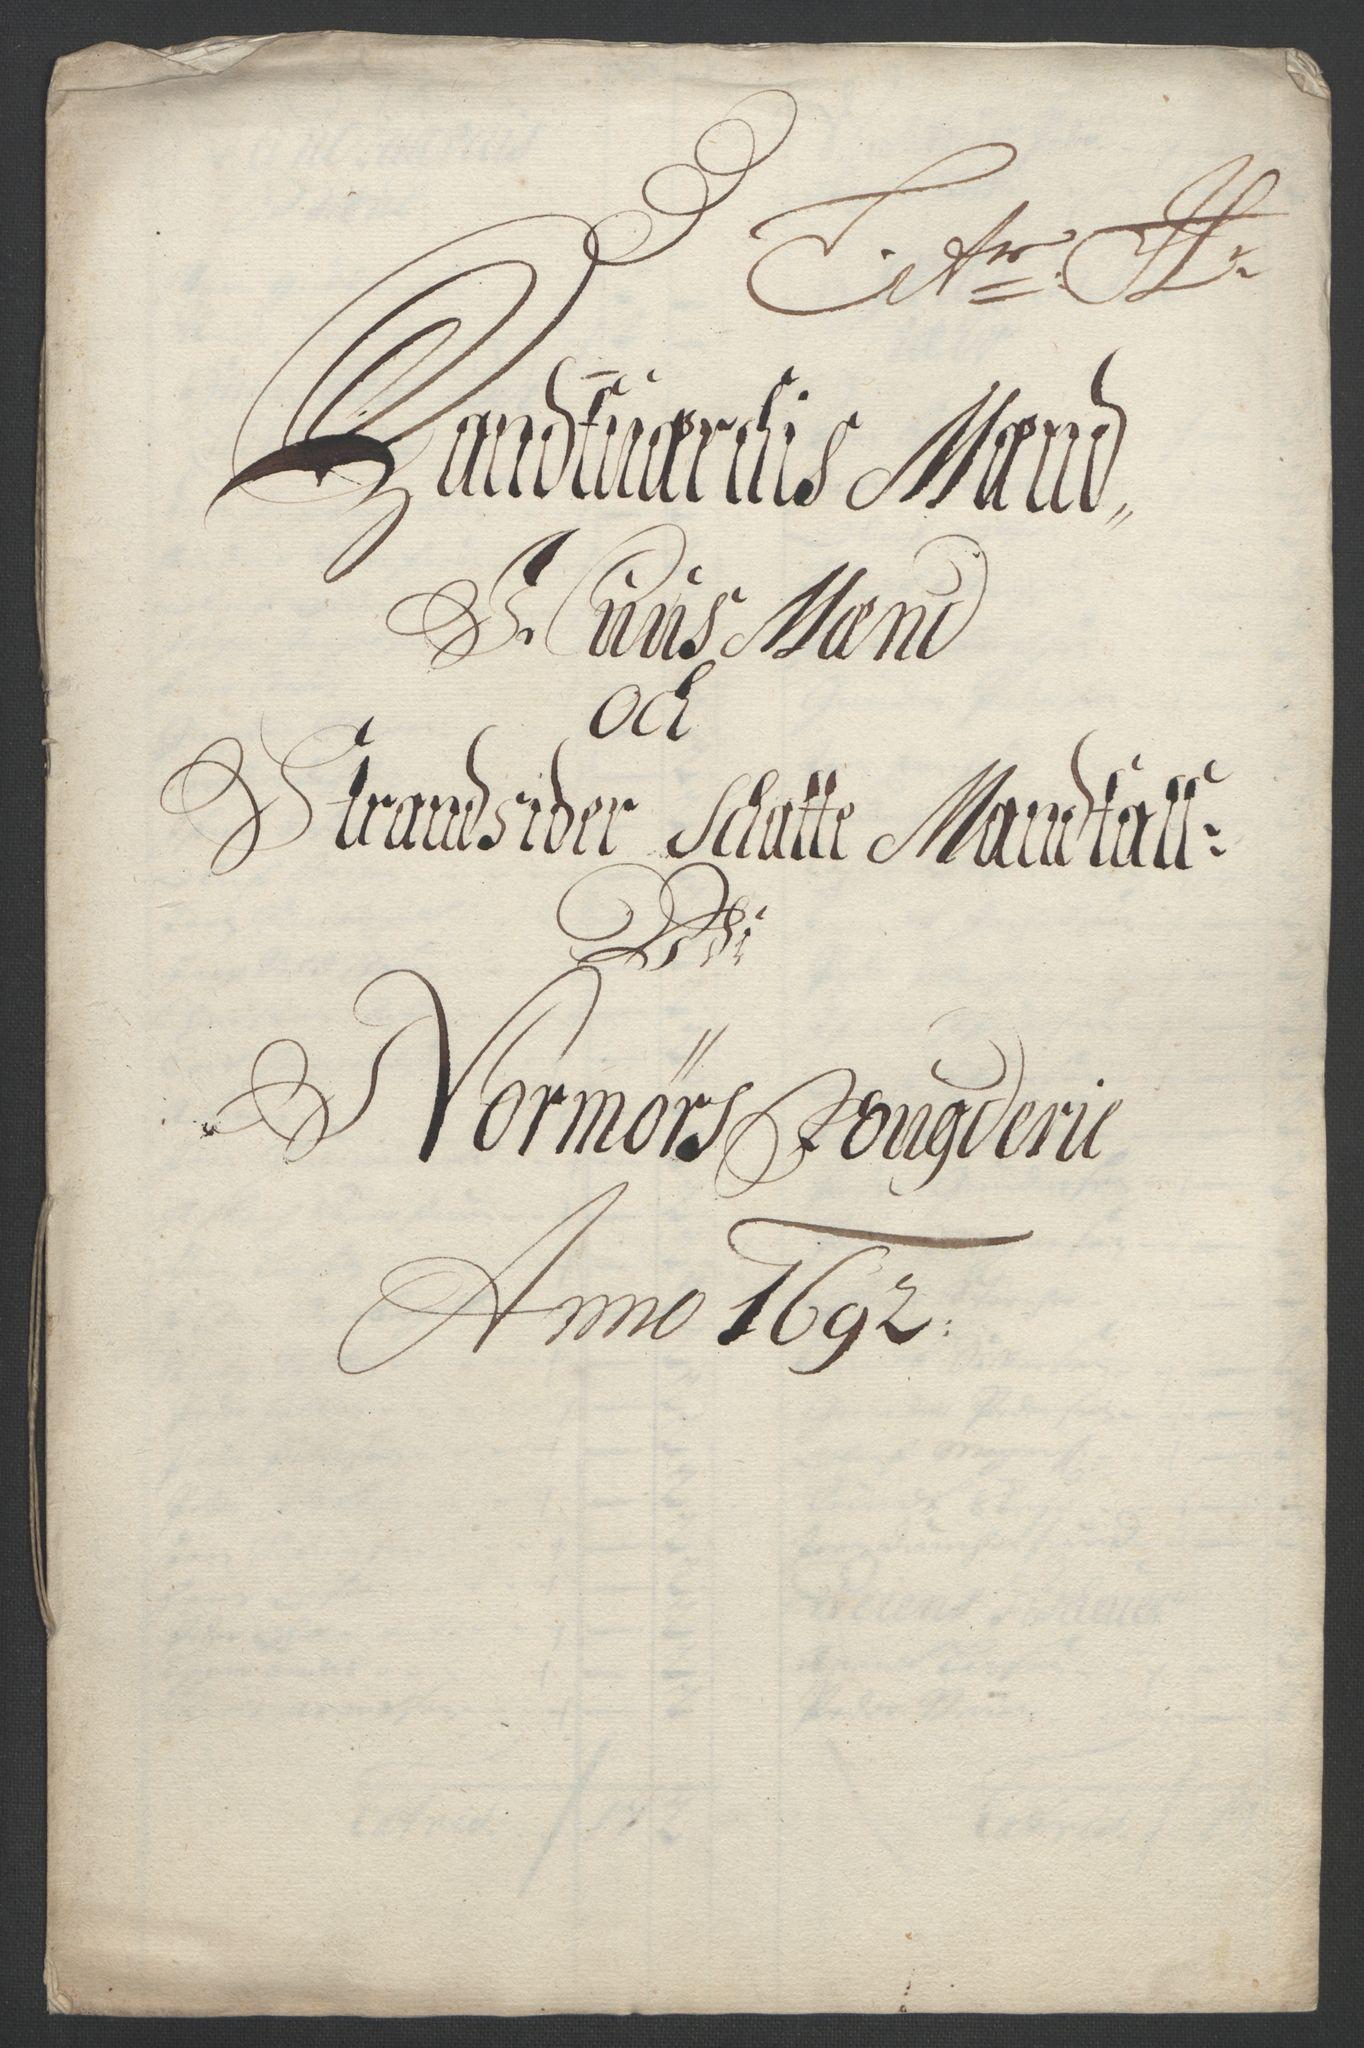 RA, Rentekammeret inntil 1814, Reviderte regnskaper, Fogderegnskap, R56/L3735: Fogderegnskap Nordmøre, 1692-1693, s. 102